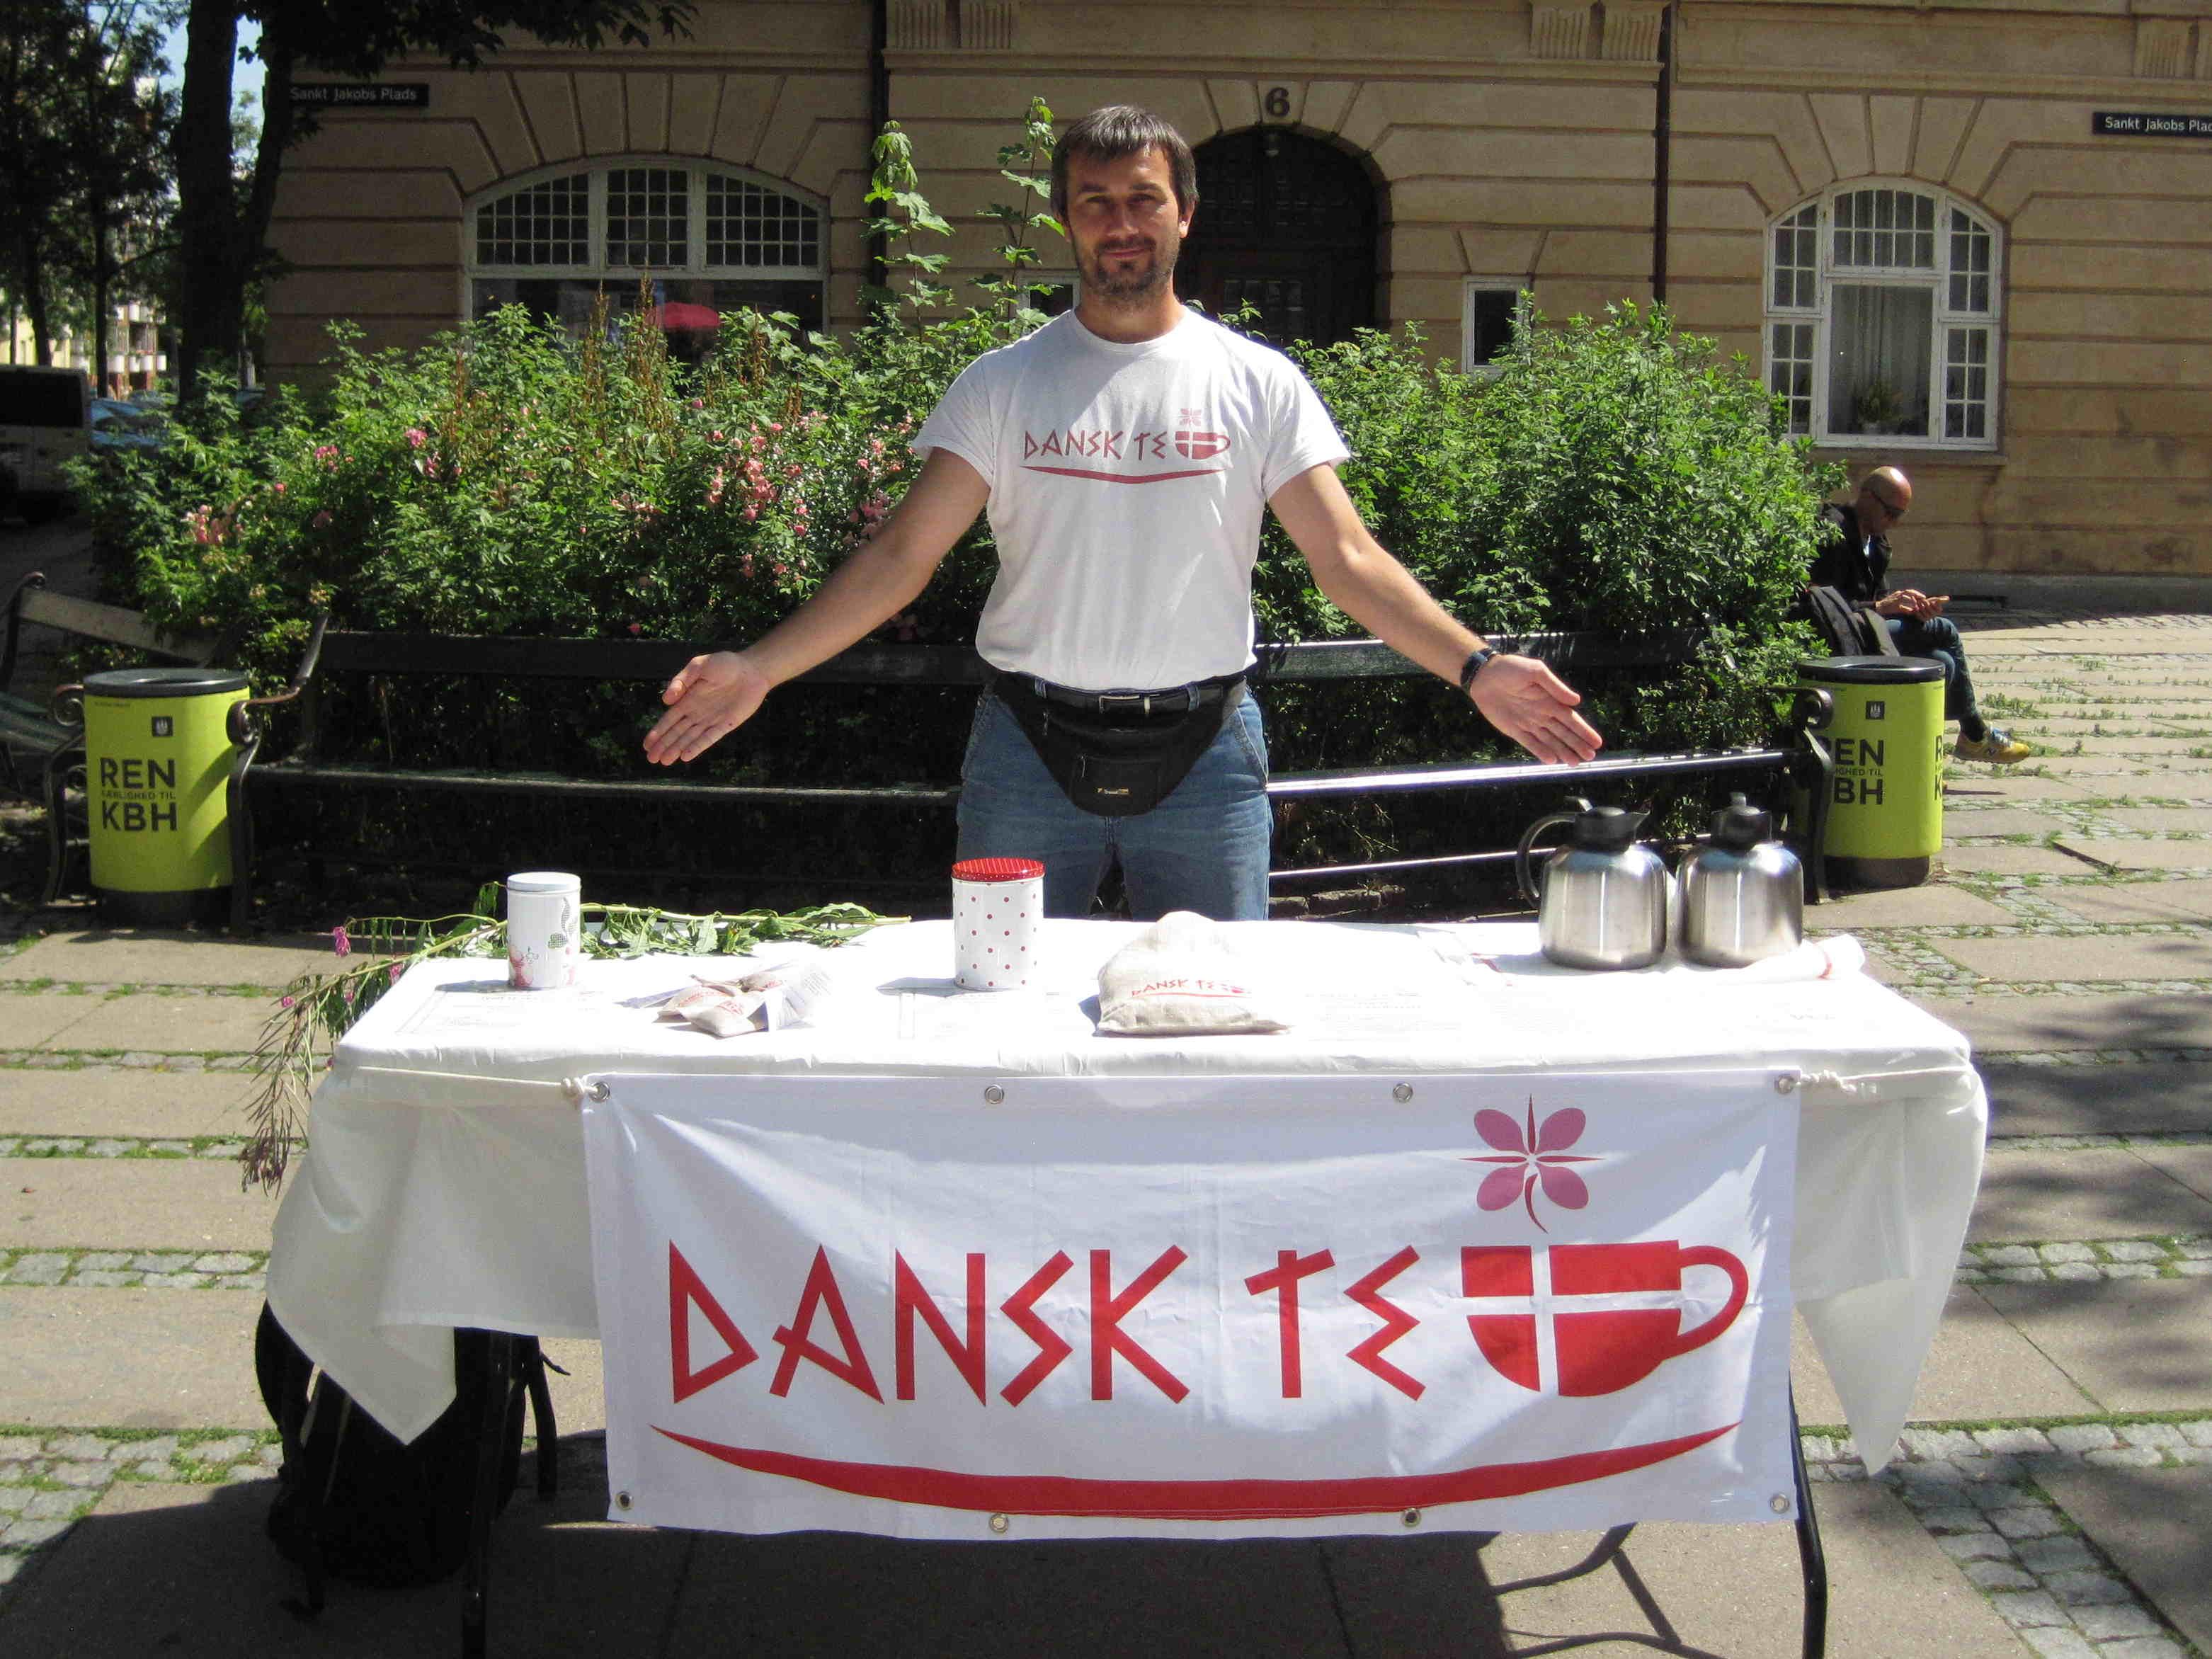 Dansk Te